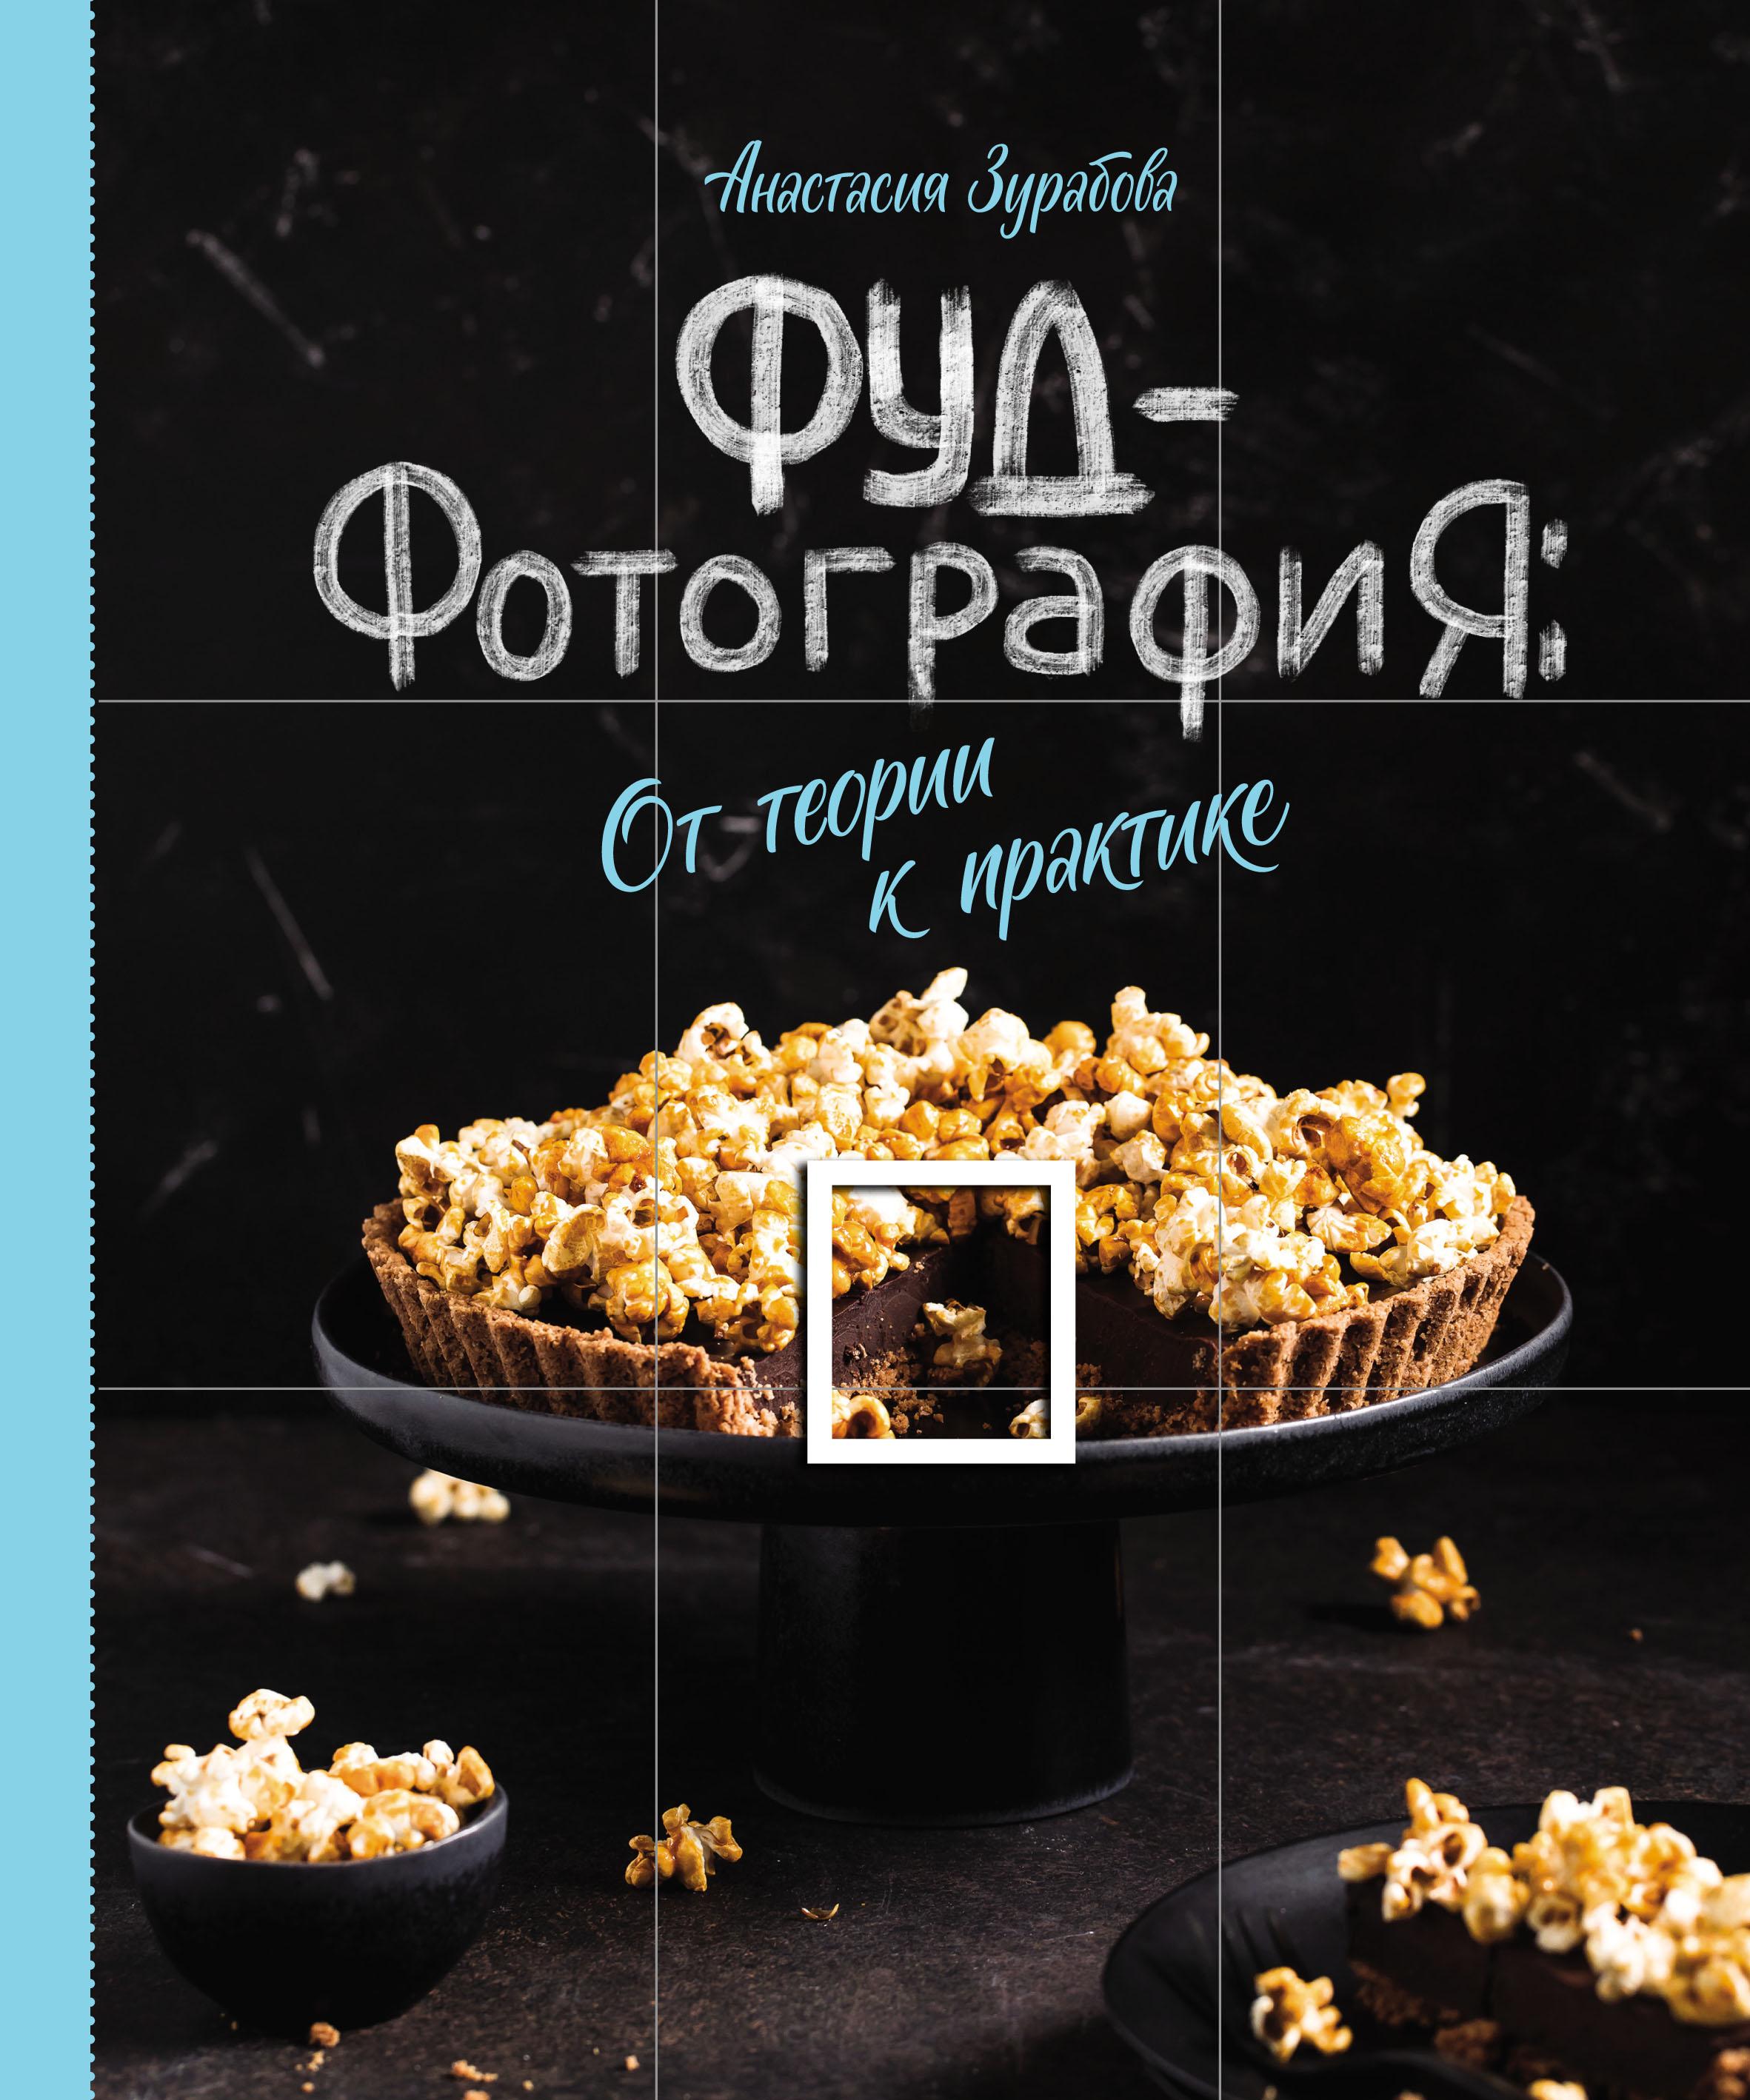 Купить книгу Фуд-фотография. От теории к практике, автора Анастасии Зурабовой